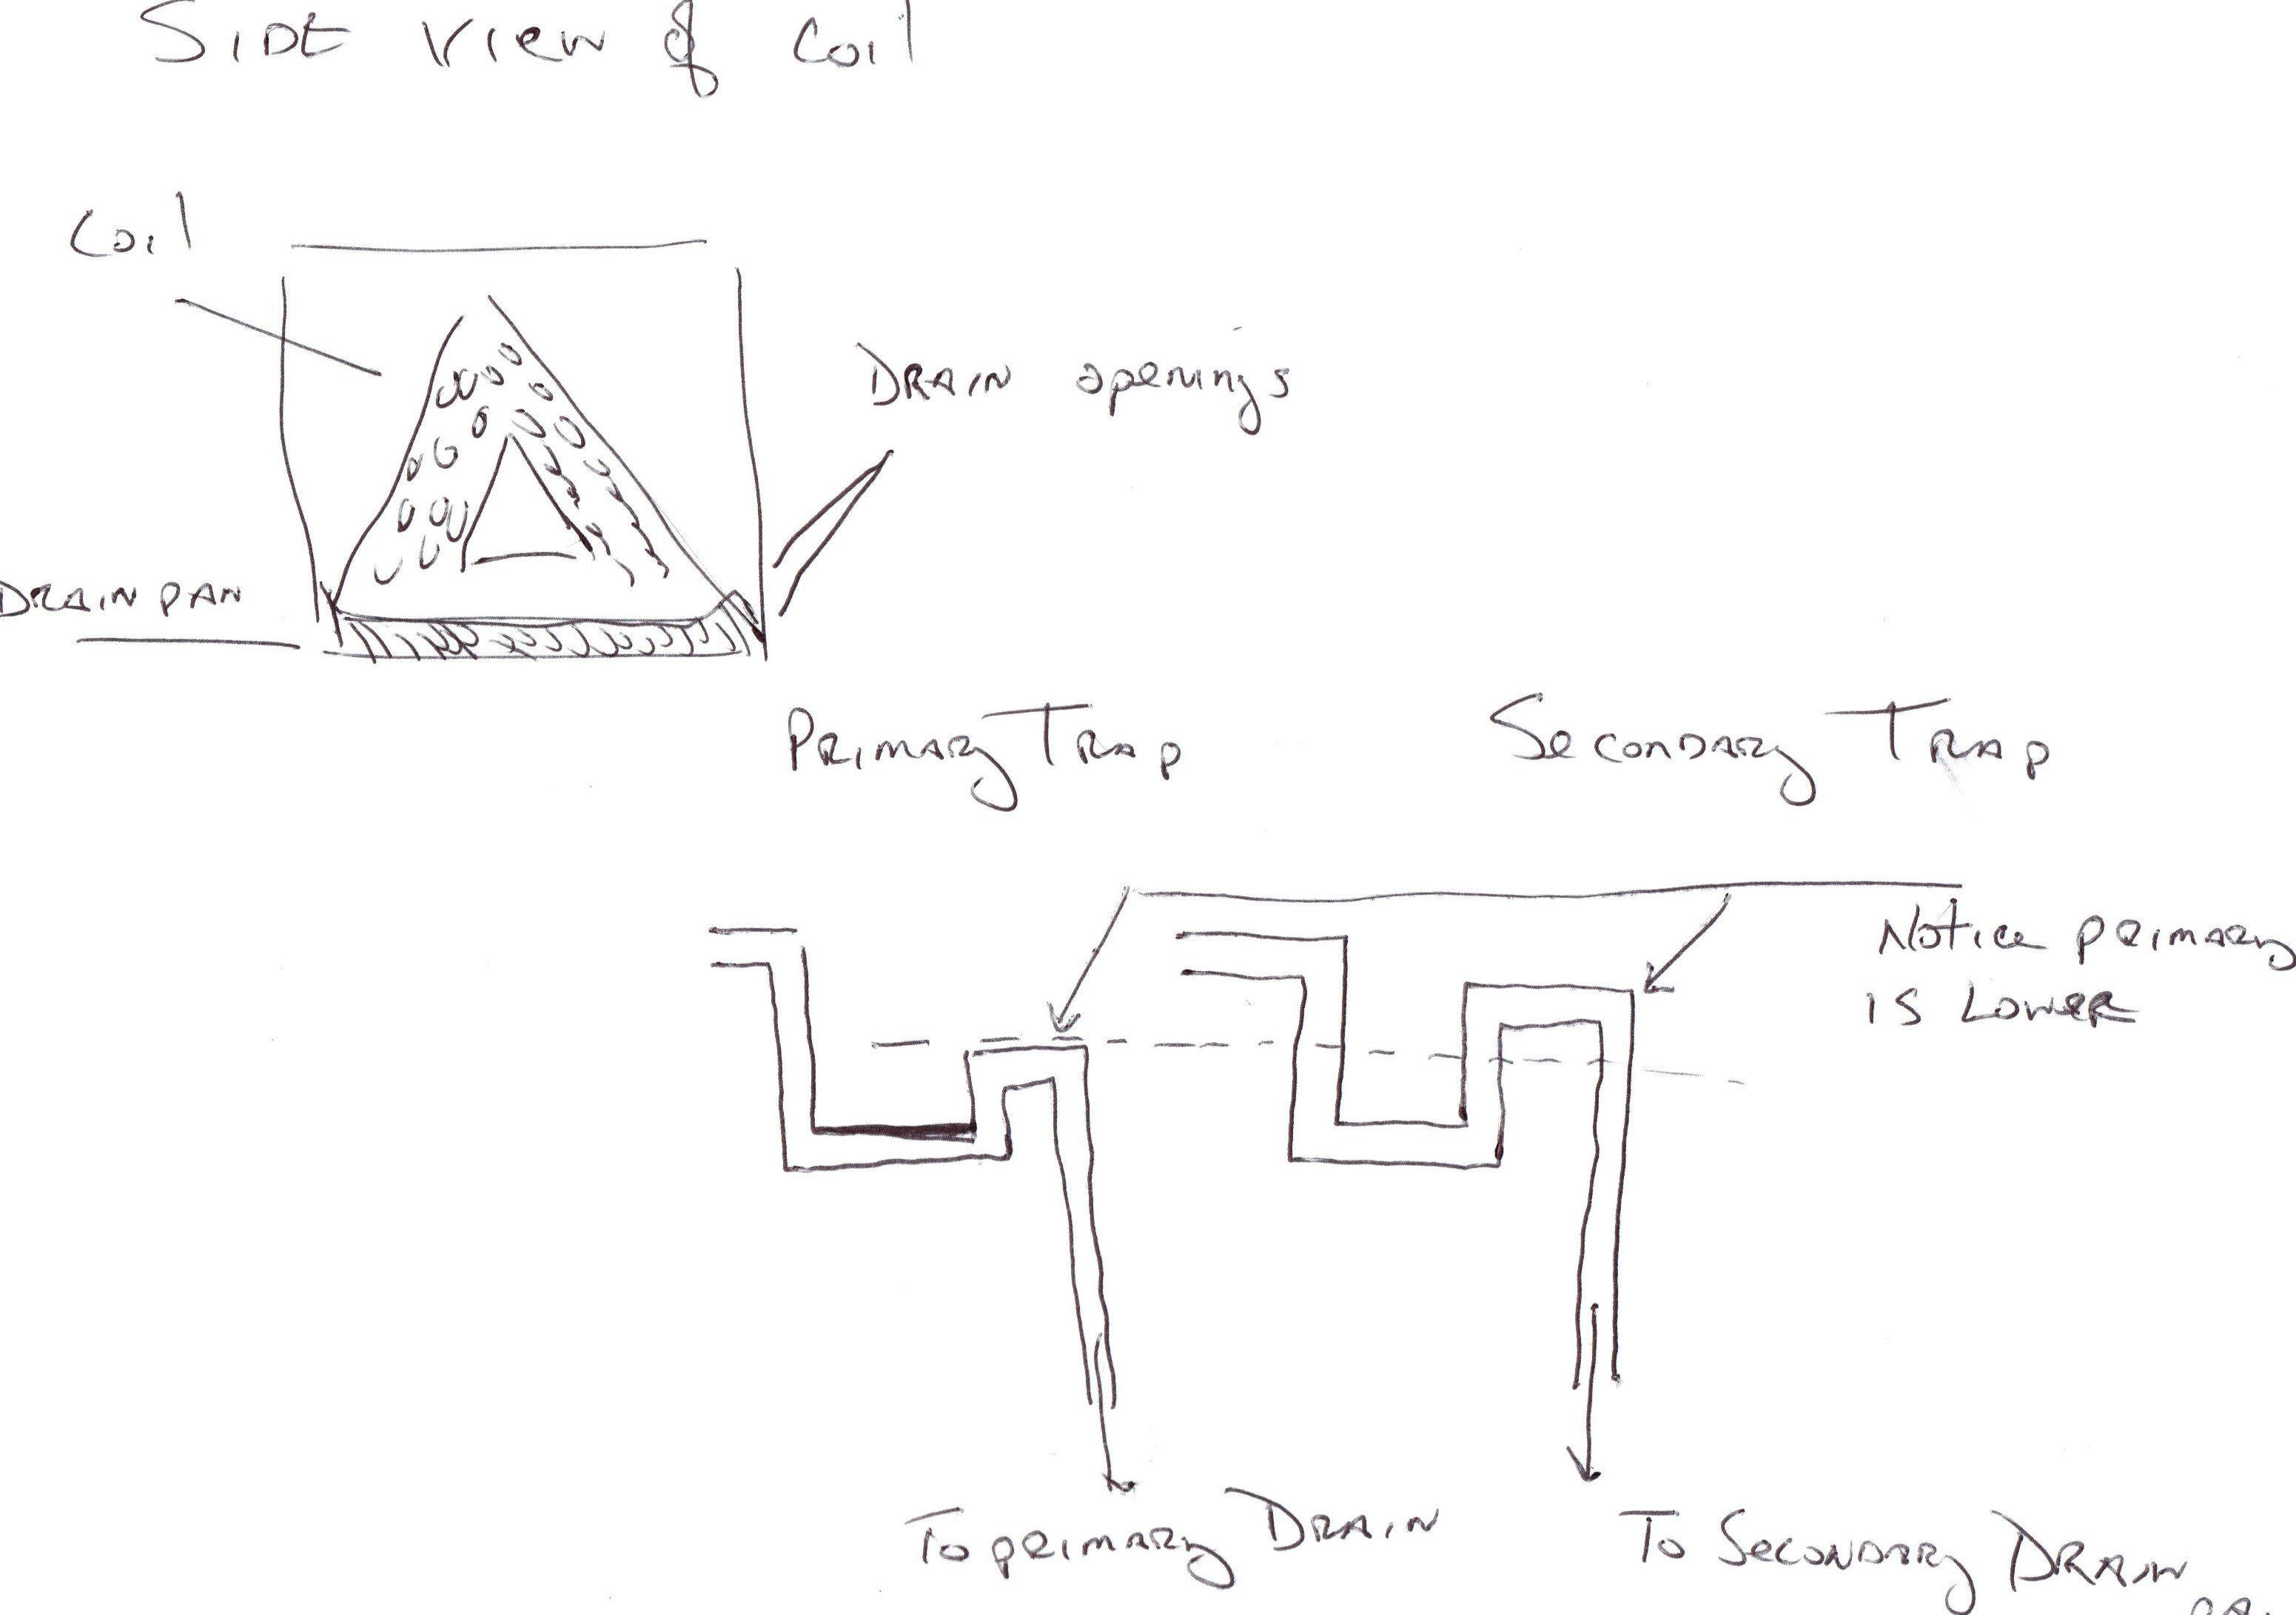 Wiring Diagram For Trane Weathertron Baystat240 on